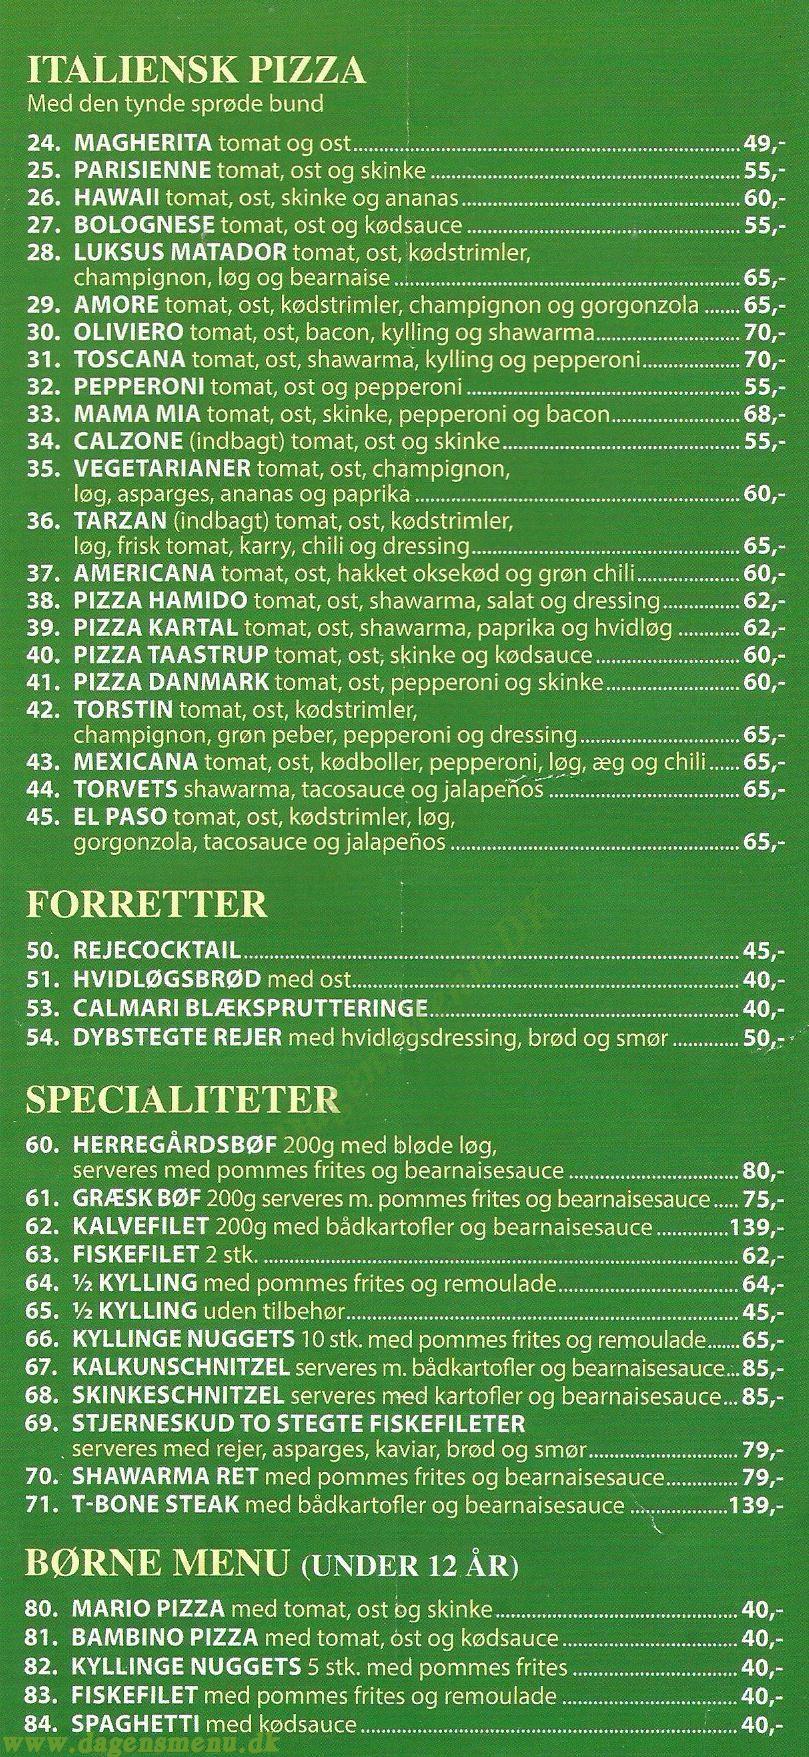 COWBOY PIZZA Høje Tåstrup - Menukort